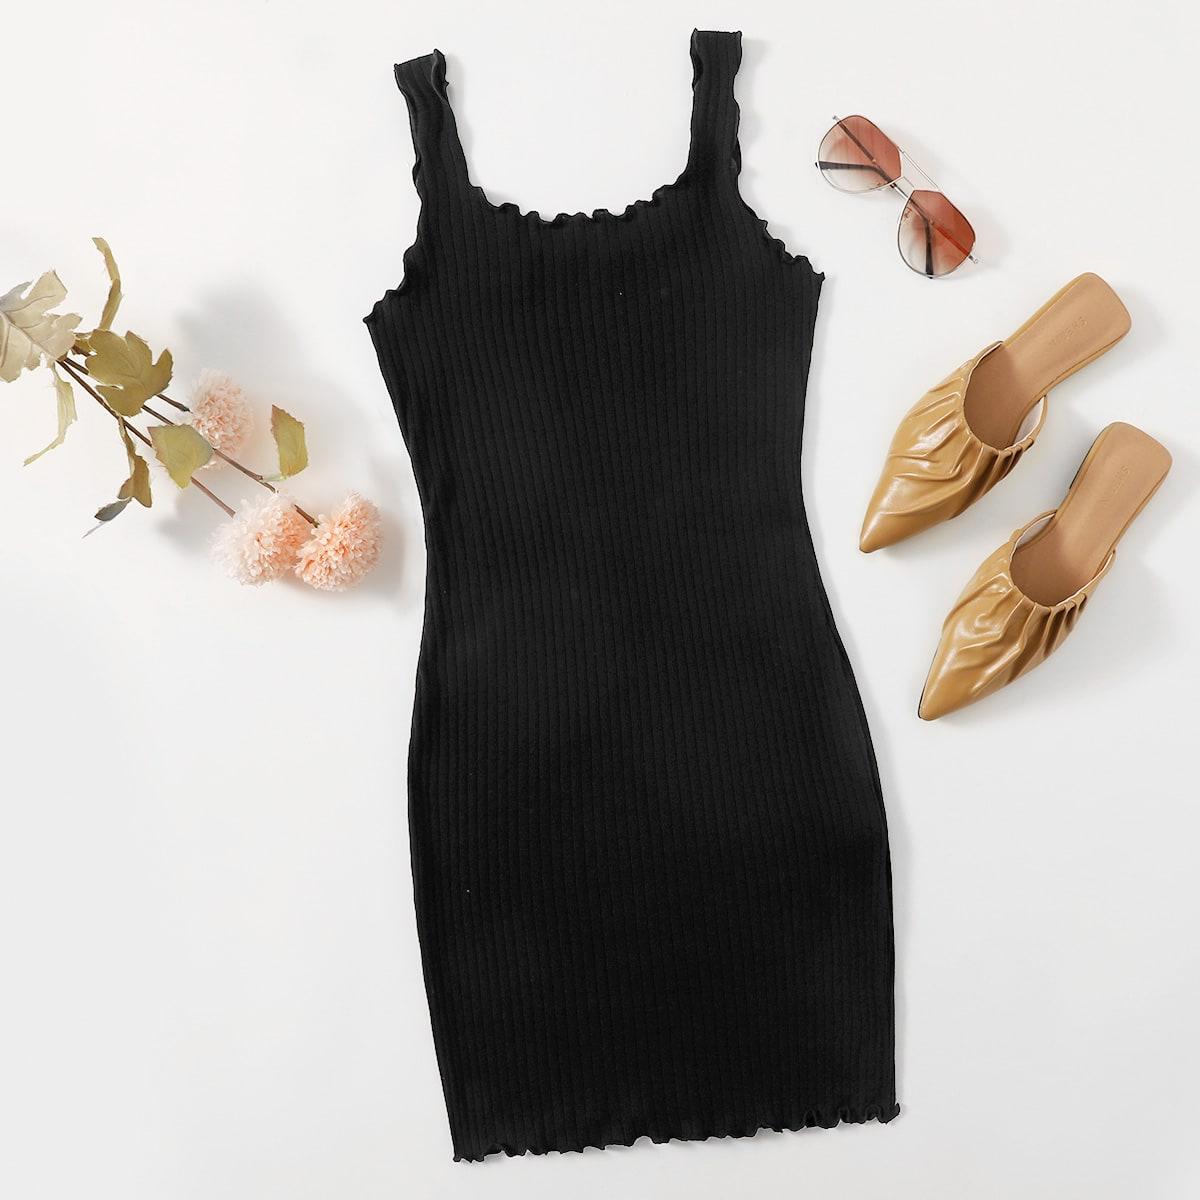 Вязаное облегающее платье размера плюс в рубчик с волнистым краем